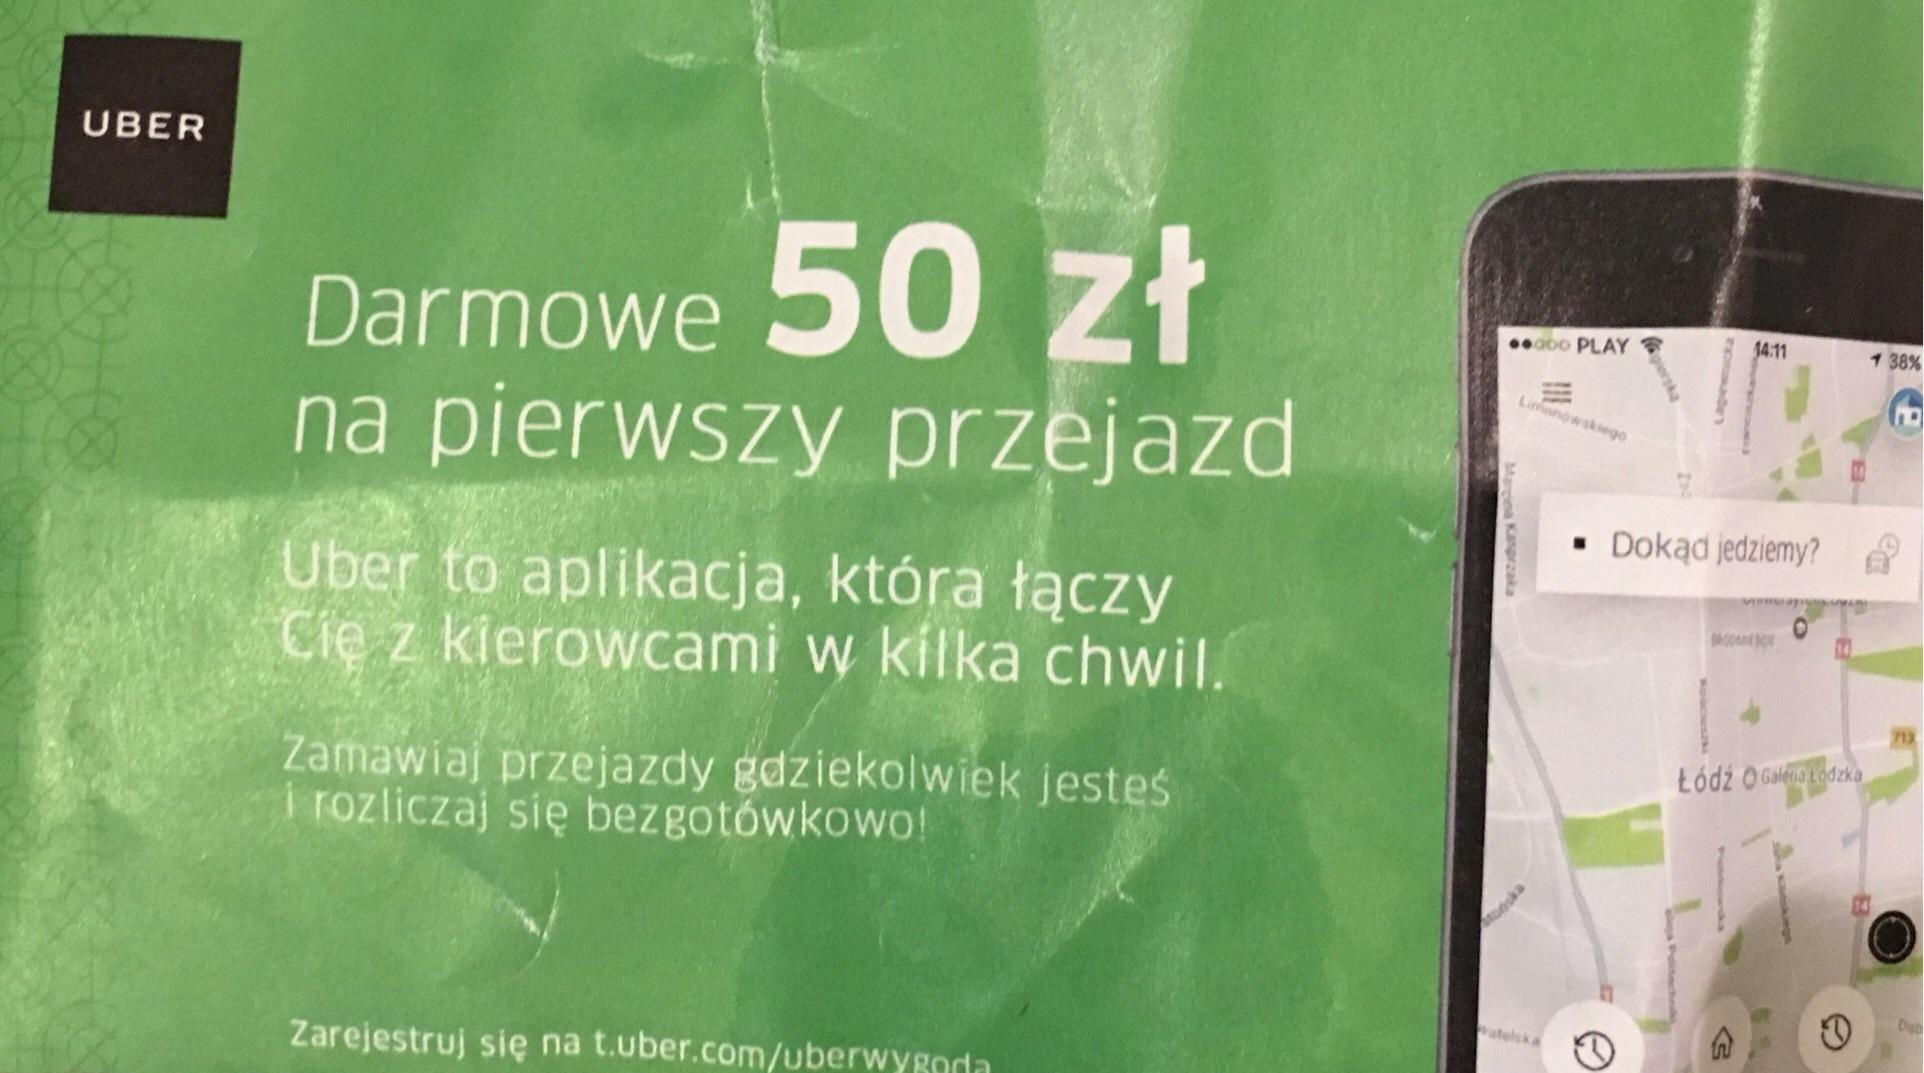 UBER - 50 zł na pierwszy przejazd dla nowych klientów